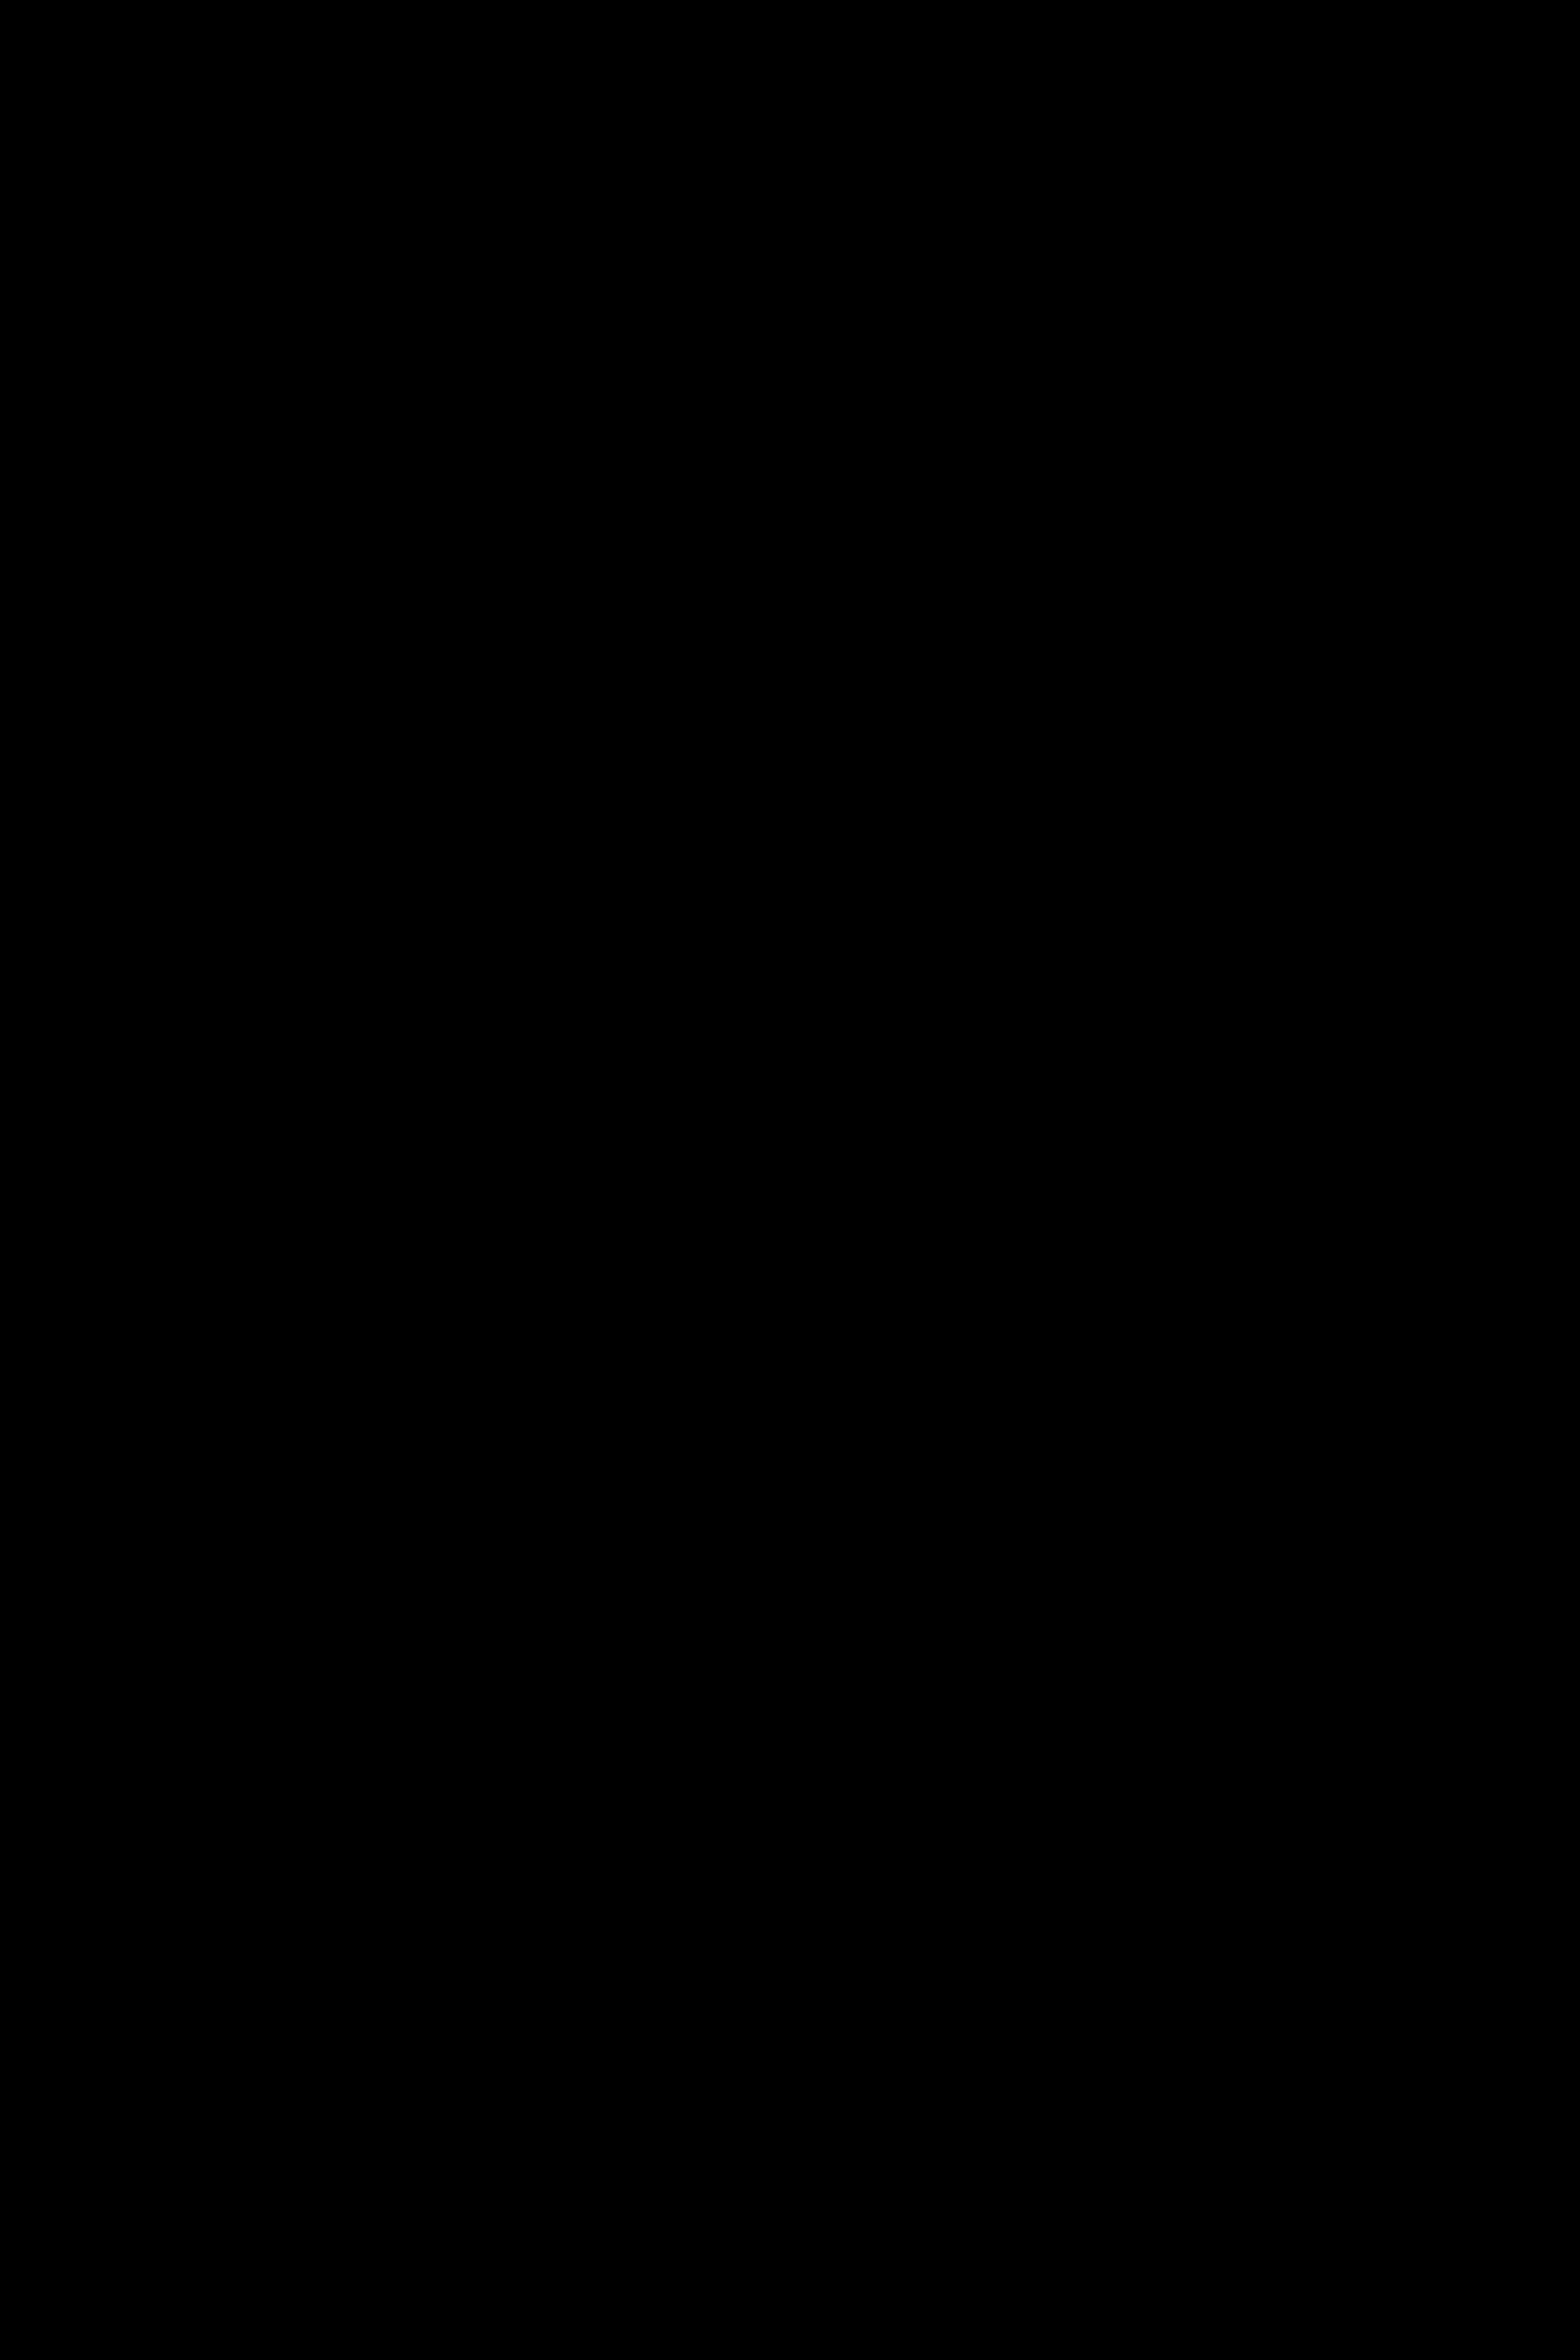 Run Course(s)